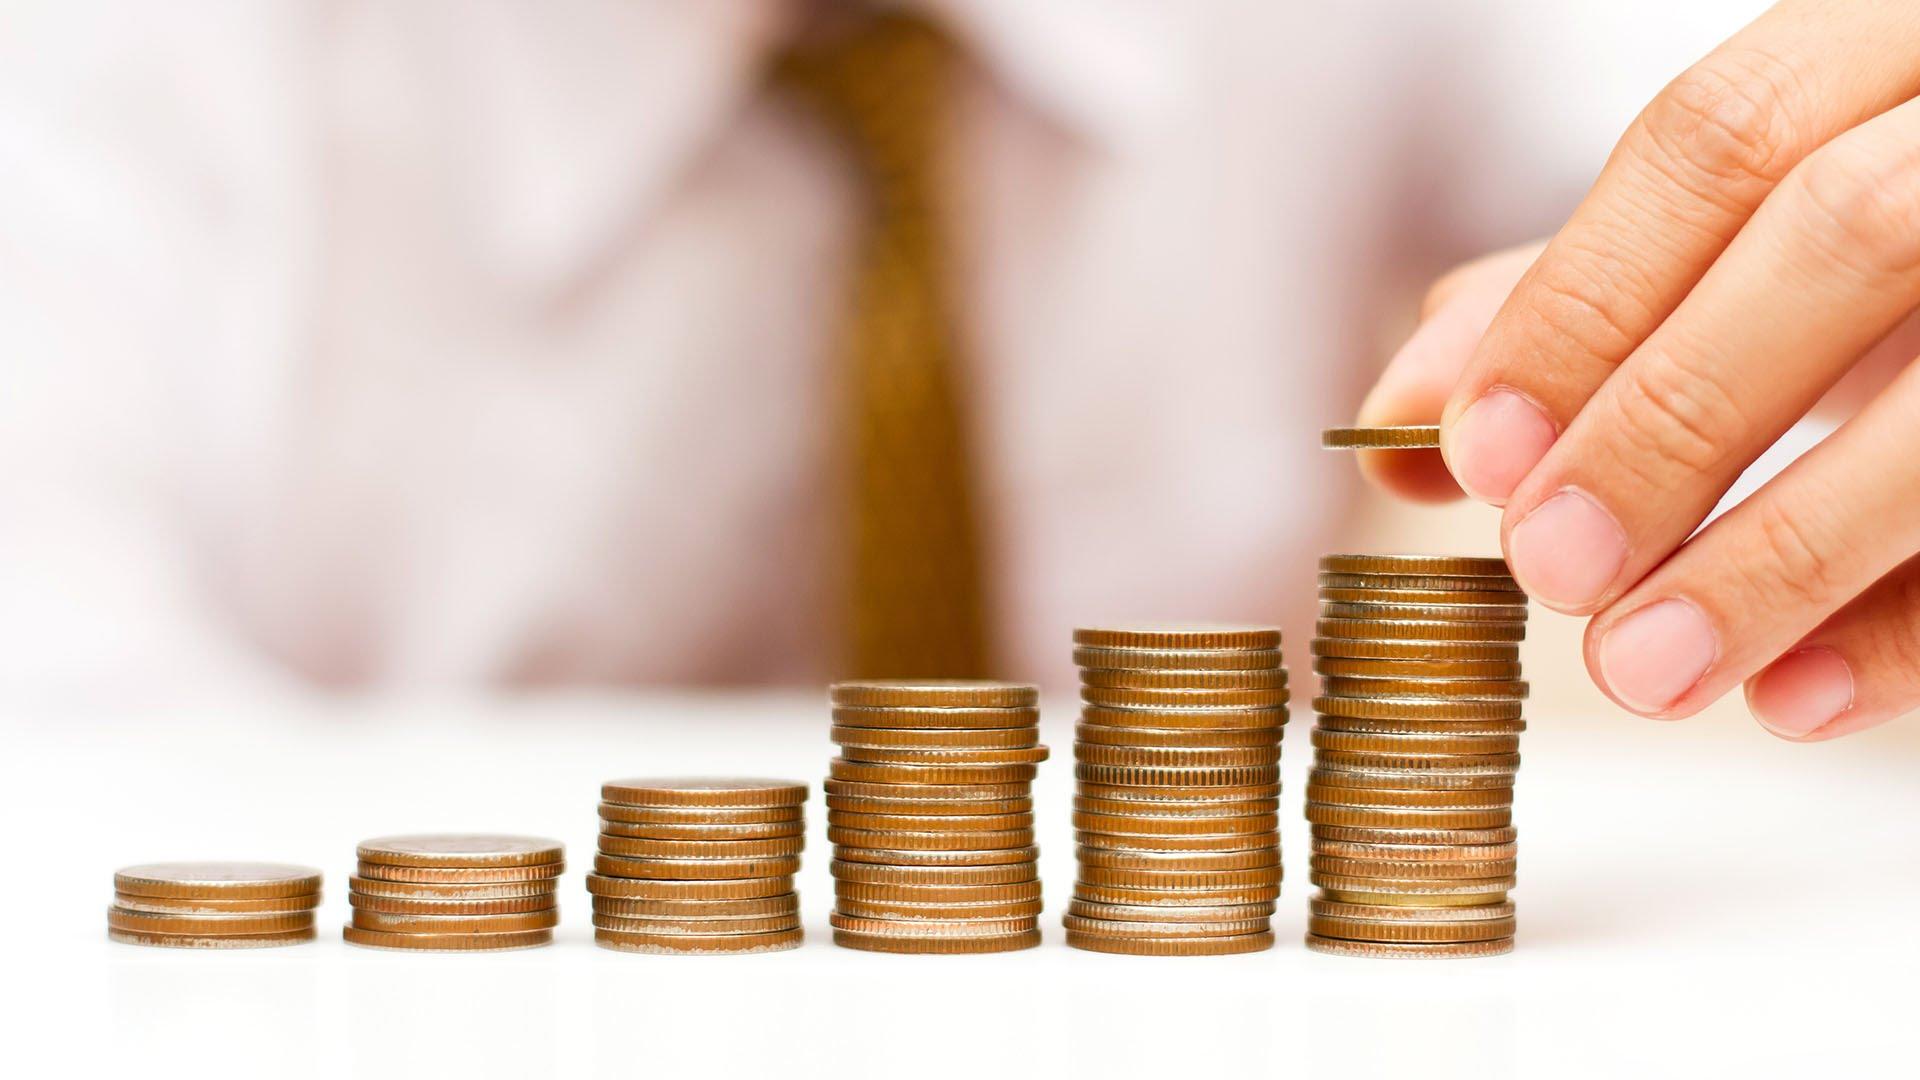 инвестиции в выгодные предприятия бизнес